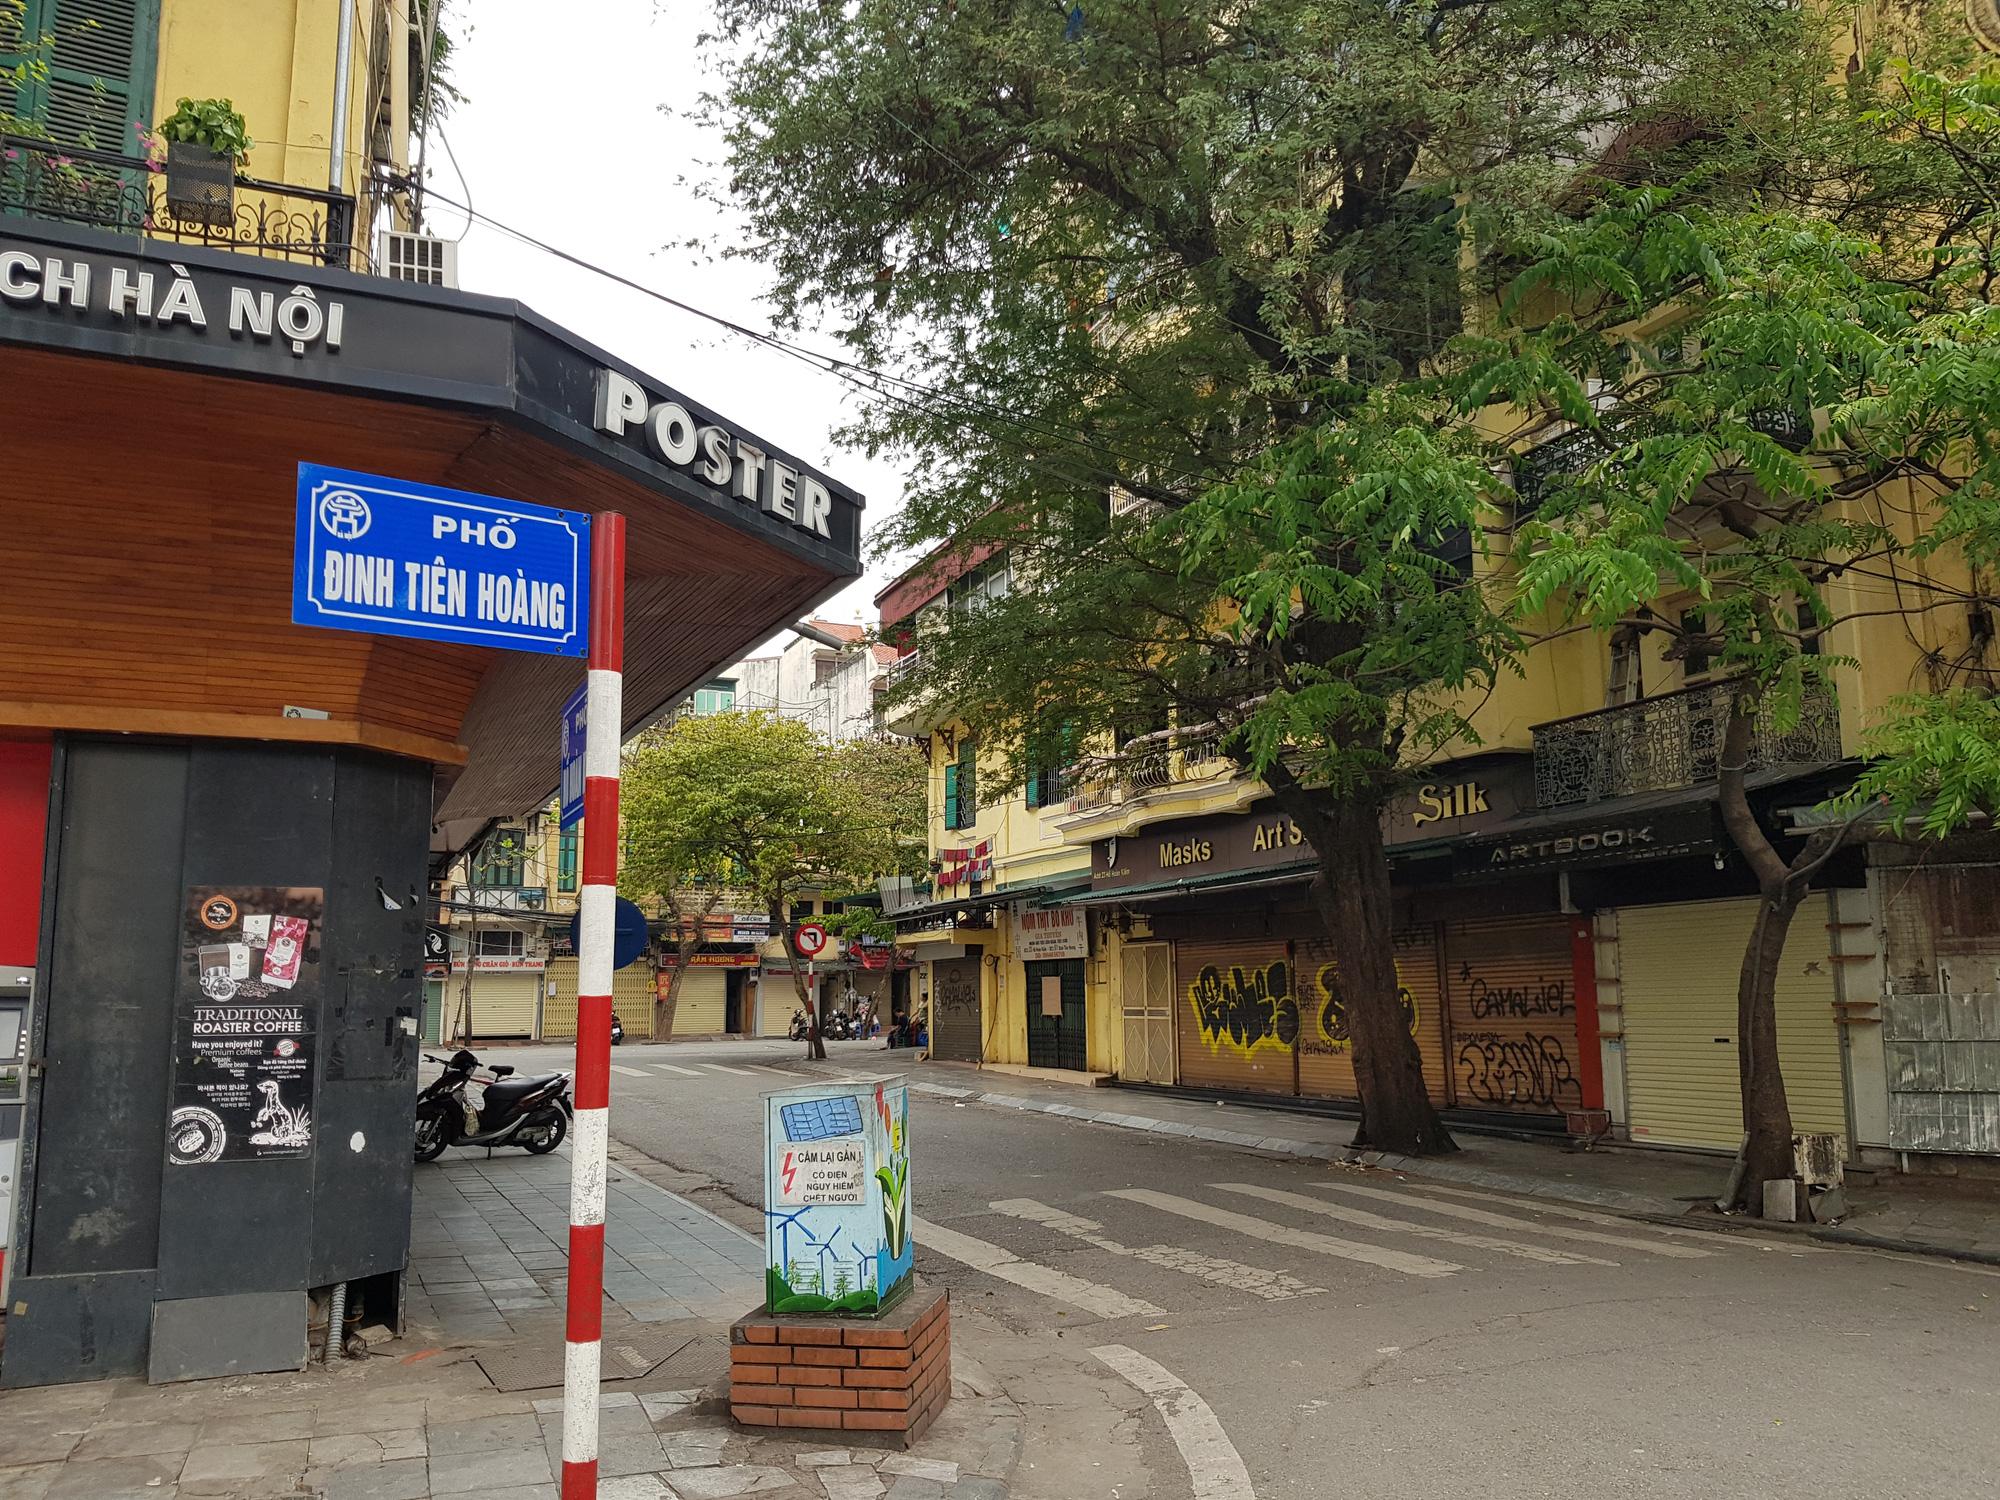 Sau lệnh tạm thời đóng cửa, nhiều đường phố Hà Nội thông thoáng như ngày Tết - Ảnh 3.